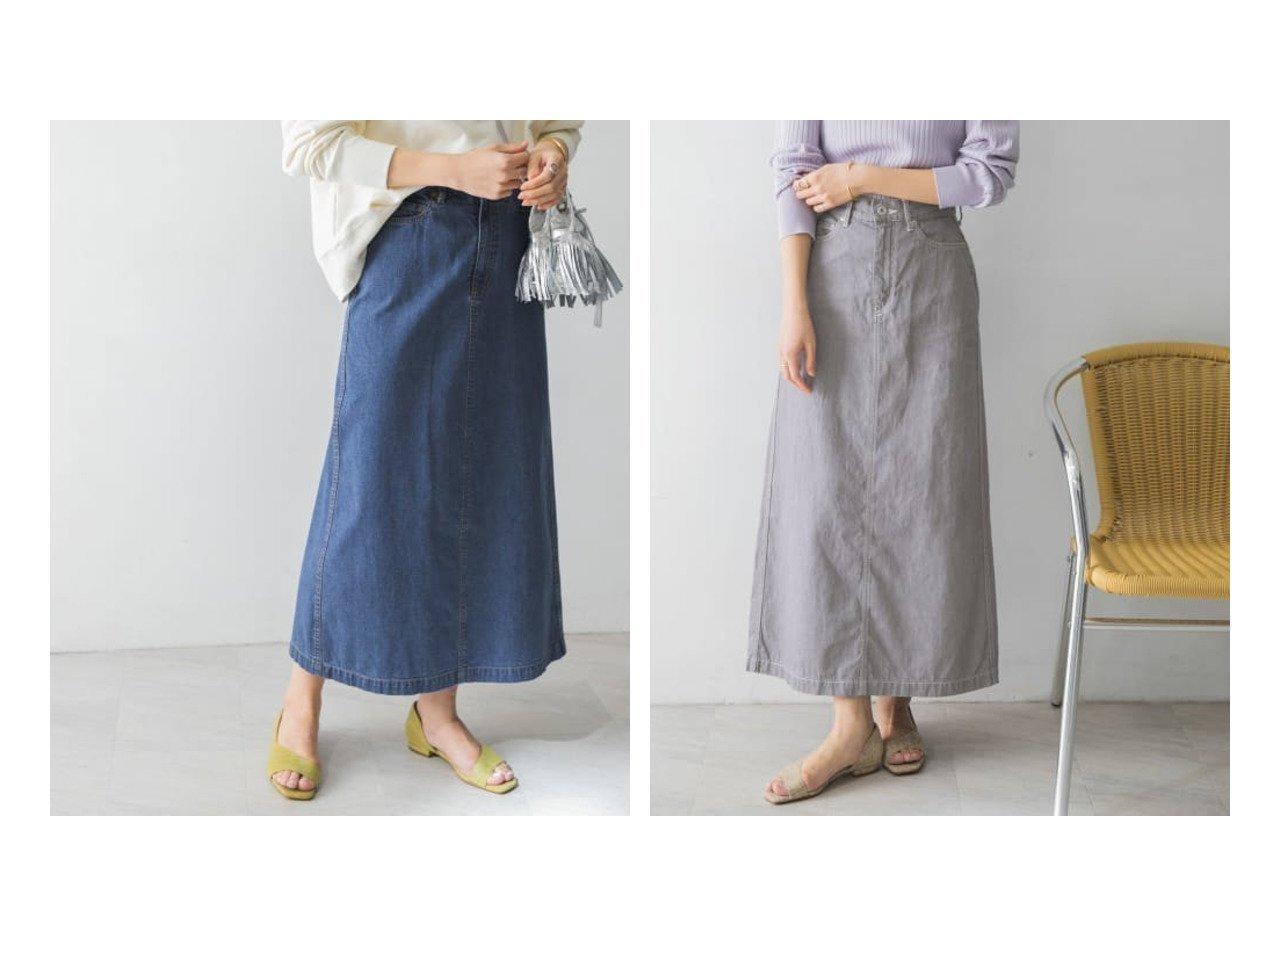 【URBAN RESEARCH/アーバンリサーチ】のセミフレアデニムスカート 【スカート】おすすめ!人気、トレンド・レディースファッションの通販 おすすめで人気の流行・トレンド、ファッションの通販商品 メンズファッション・キッズファッション・インテリア・家具・レディースファッション・服の通販 founy(ファニー) https://founy.com/ ファッション Fashion レディースファッション WOMEN スカート Skirt デニムスカート Denim Skirts 春 Spring デニム トレンド 定番 Standard フォルム ベーシック ポケット 再入荷 Restock/Back in Stock/Re Arrival S/S・春夏 SS・Spring/Summer おすすめ Recommend |ID:crp329100000027825